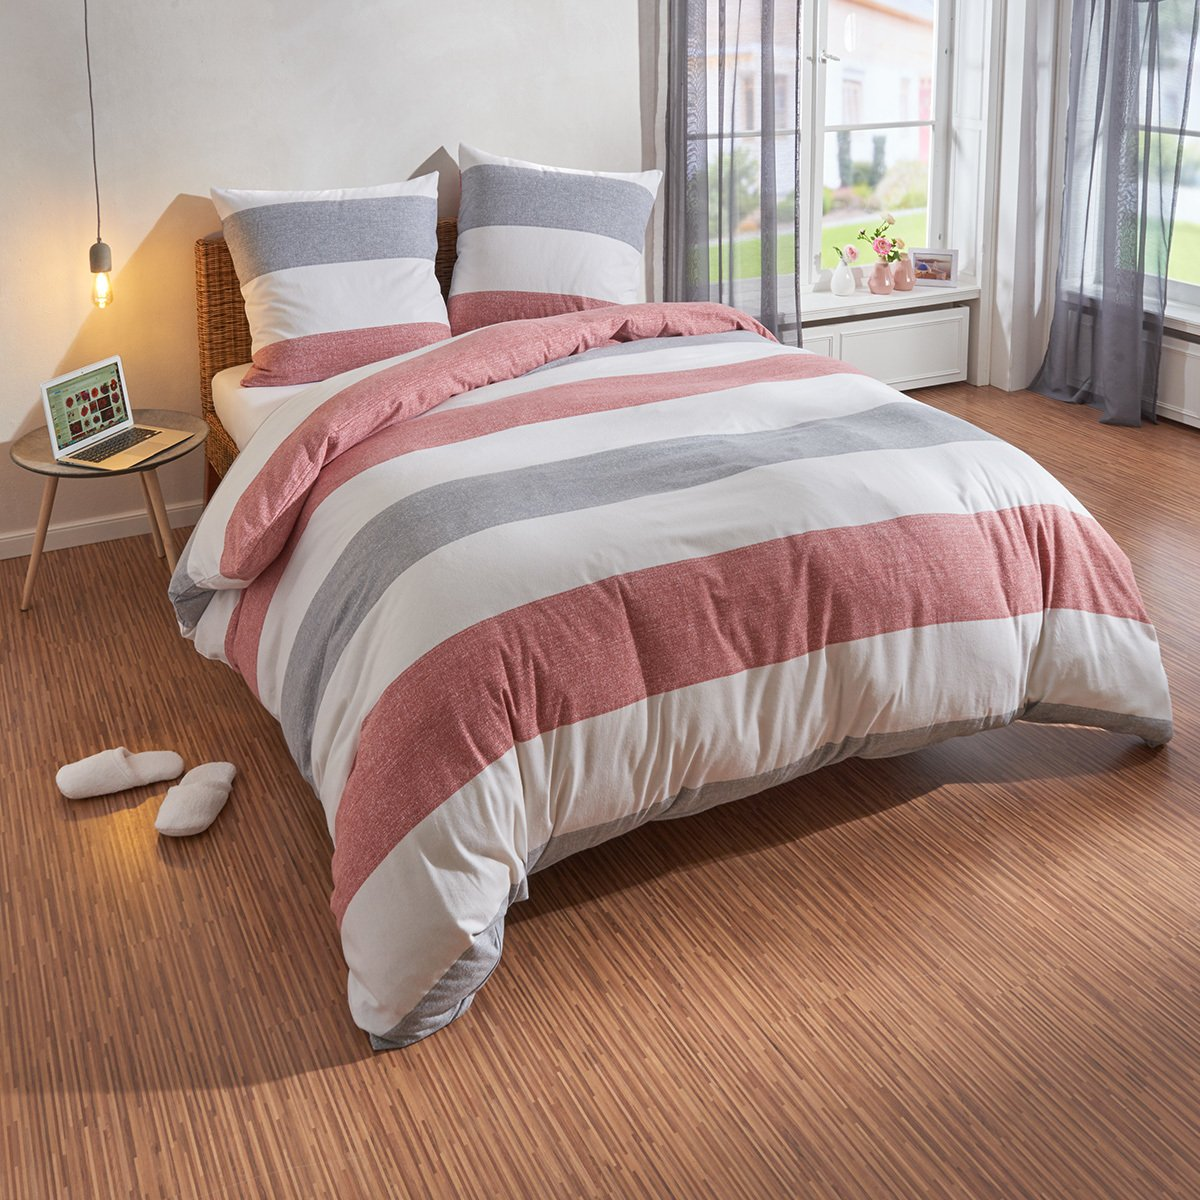 Traumschlaf Biber Bettwäsche Streifen rot 200x220 cm + 2X 80x80 cm